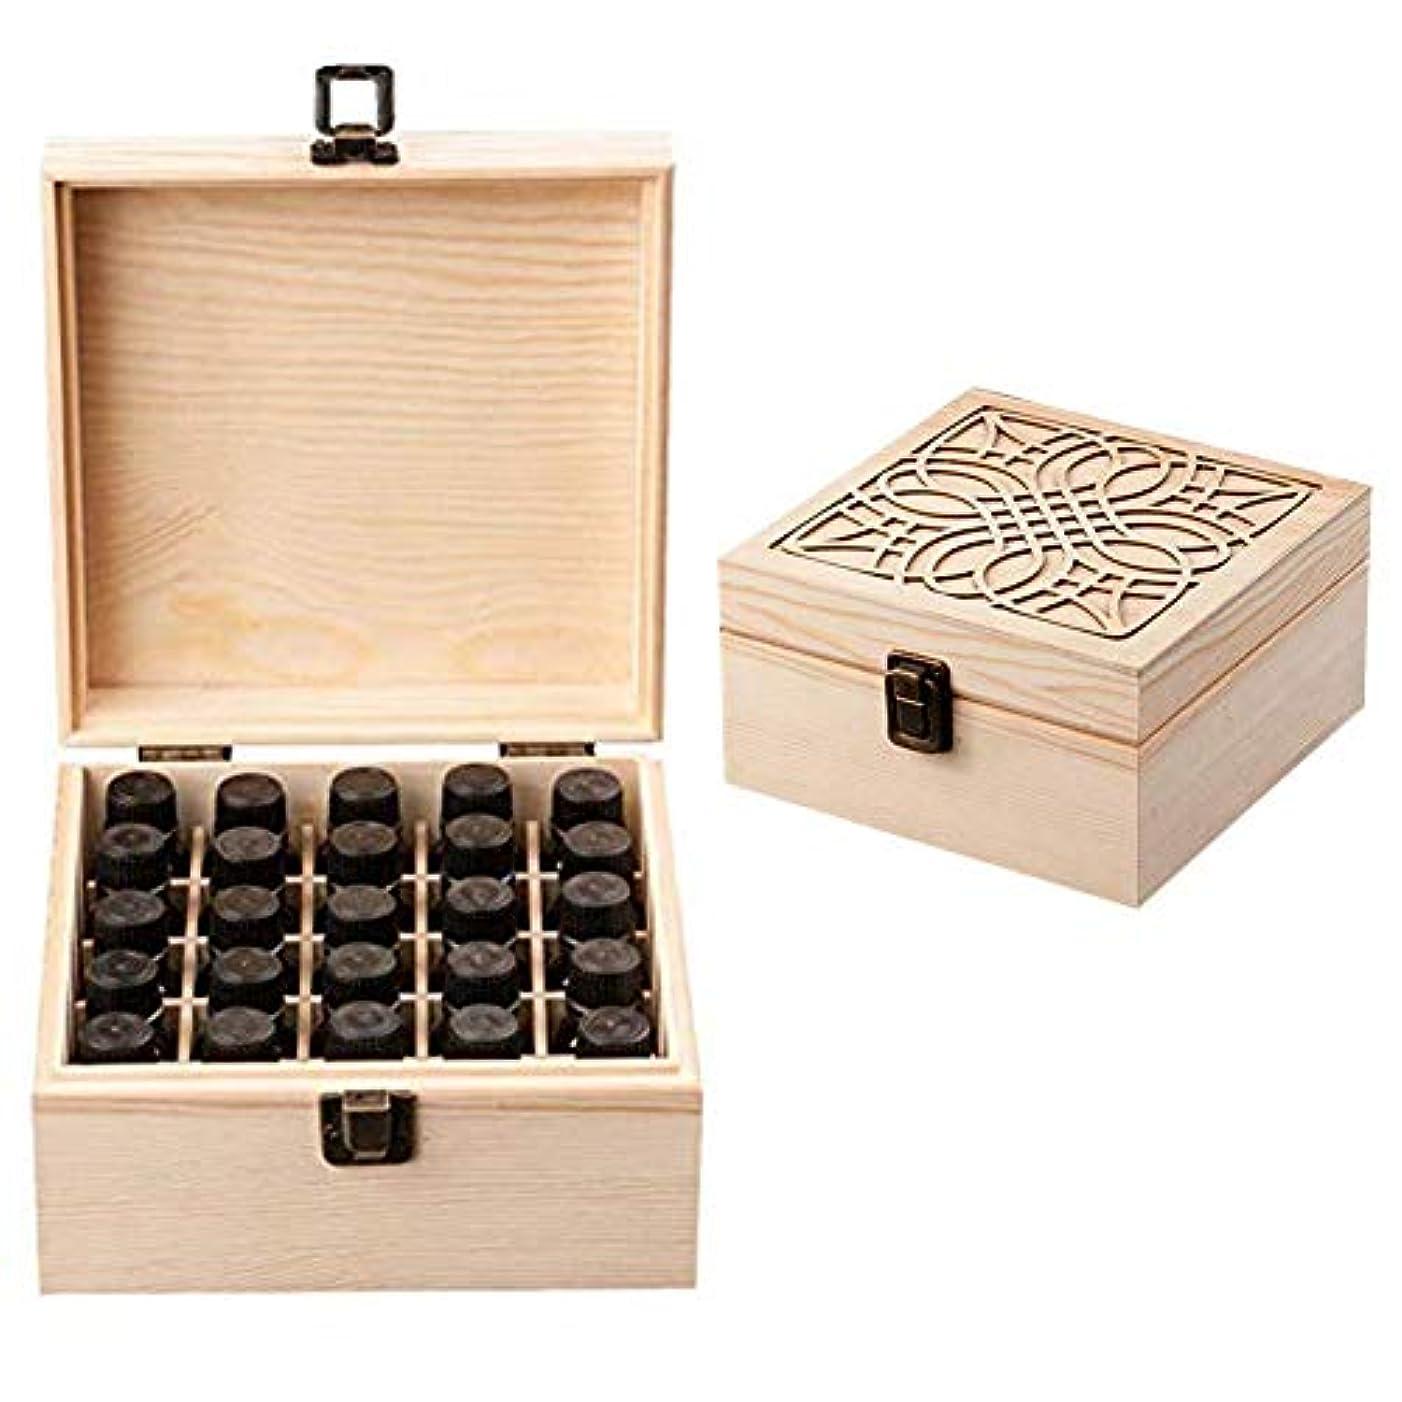 終点式医療のエッセンシャルオイル収納ボックス 大容量 和風 レトロ 木製 精油収納 携帯便利 オイルボックス 飾り物 25本用